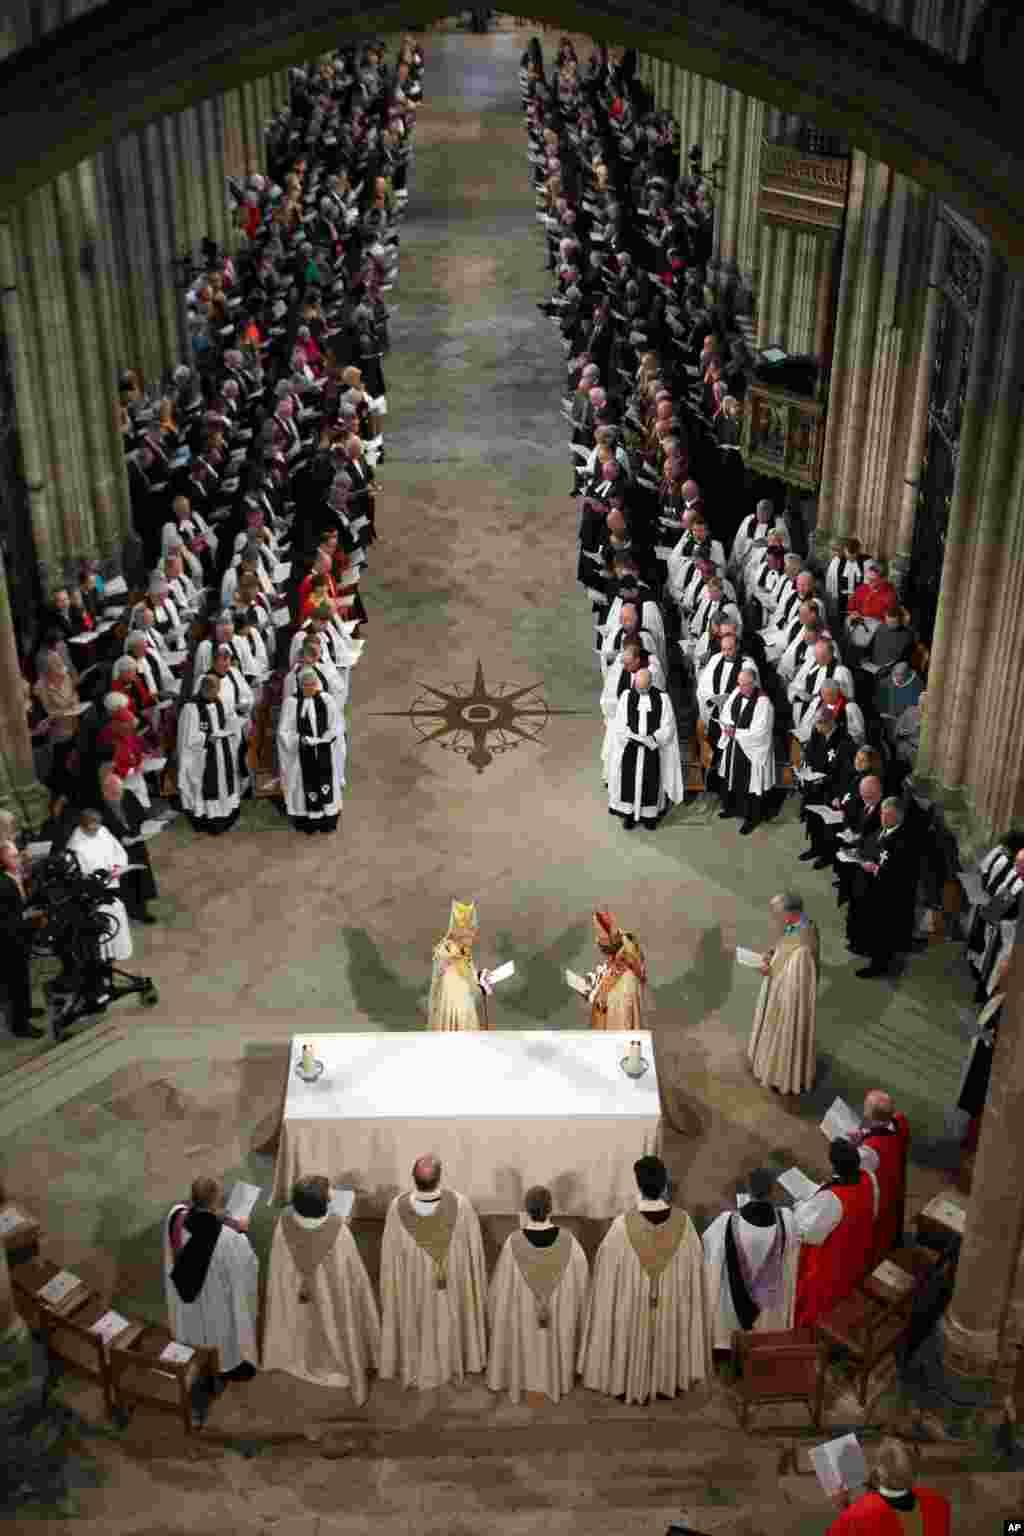 Tân giáo chủ Anh giáo Justin Welby tới bàn thờ trong lễ đăng quan tại thánh đường Canterbury ở Canterburry, Anh Quốc.